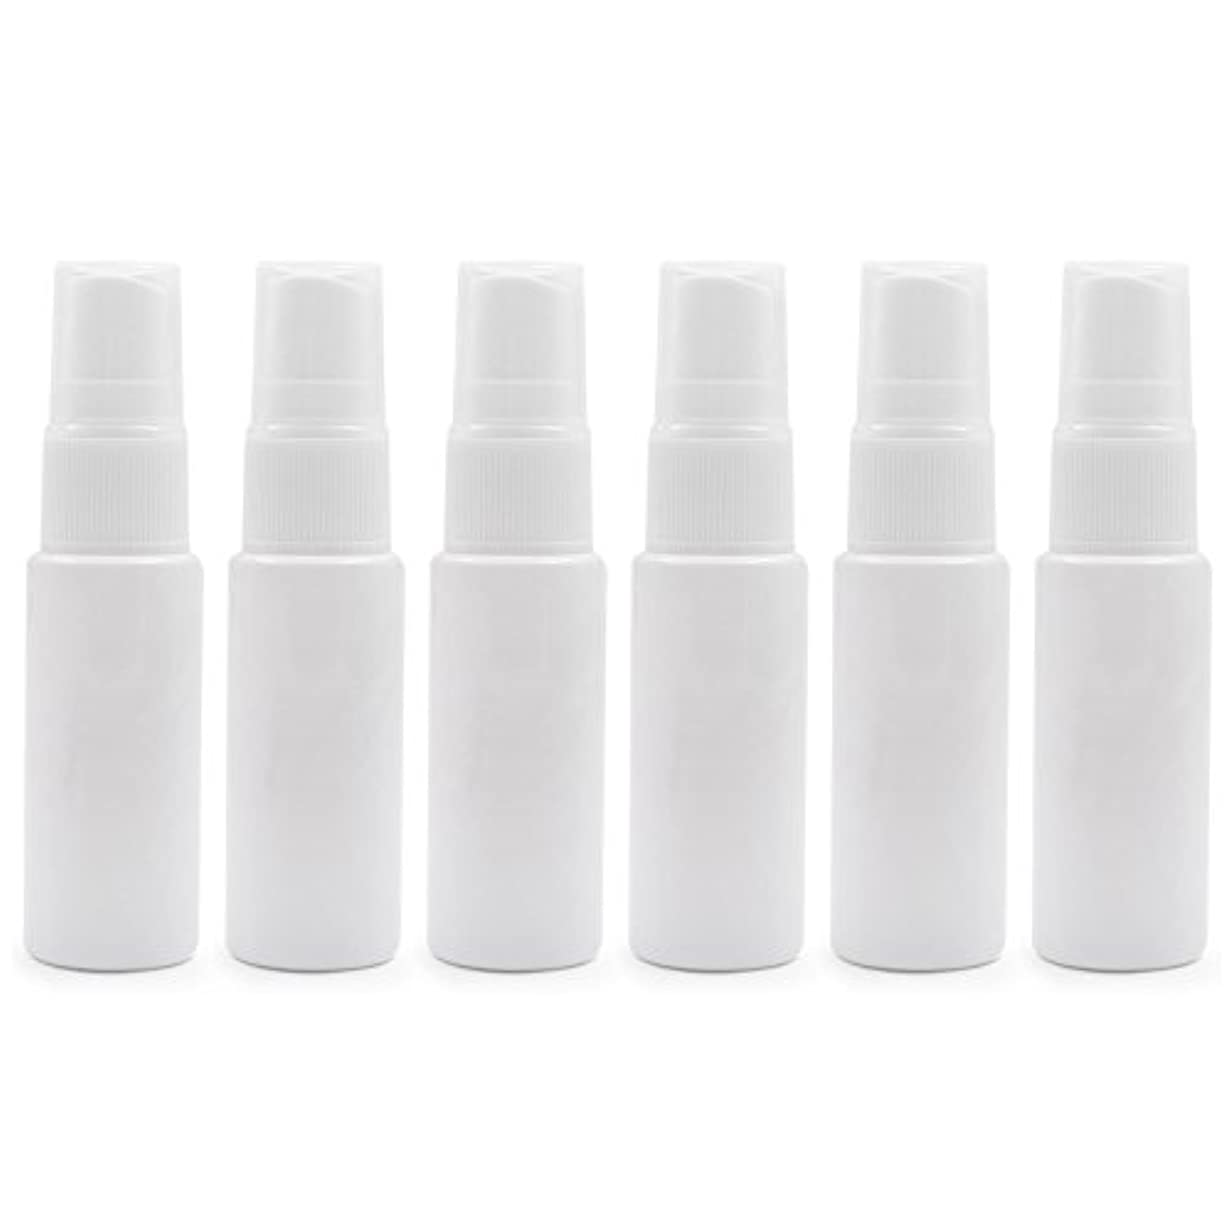 巻き取り下線こしょう6 PCS透明プラスチックスプレーボトル トラベル クリーニング エッセンシャルオイル うがい薬 香水(10ml 20ml)用ポータブルアトマイザー BPAフリー - ホワイト - 20 ml